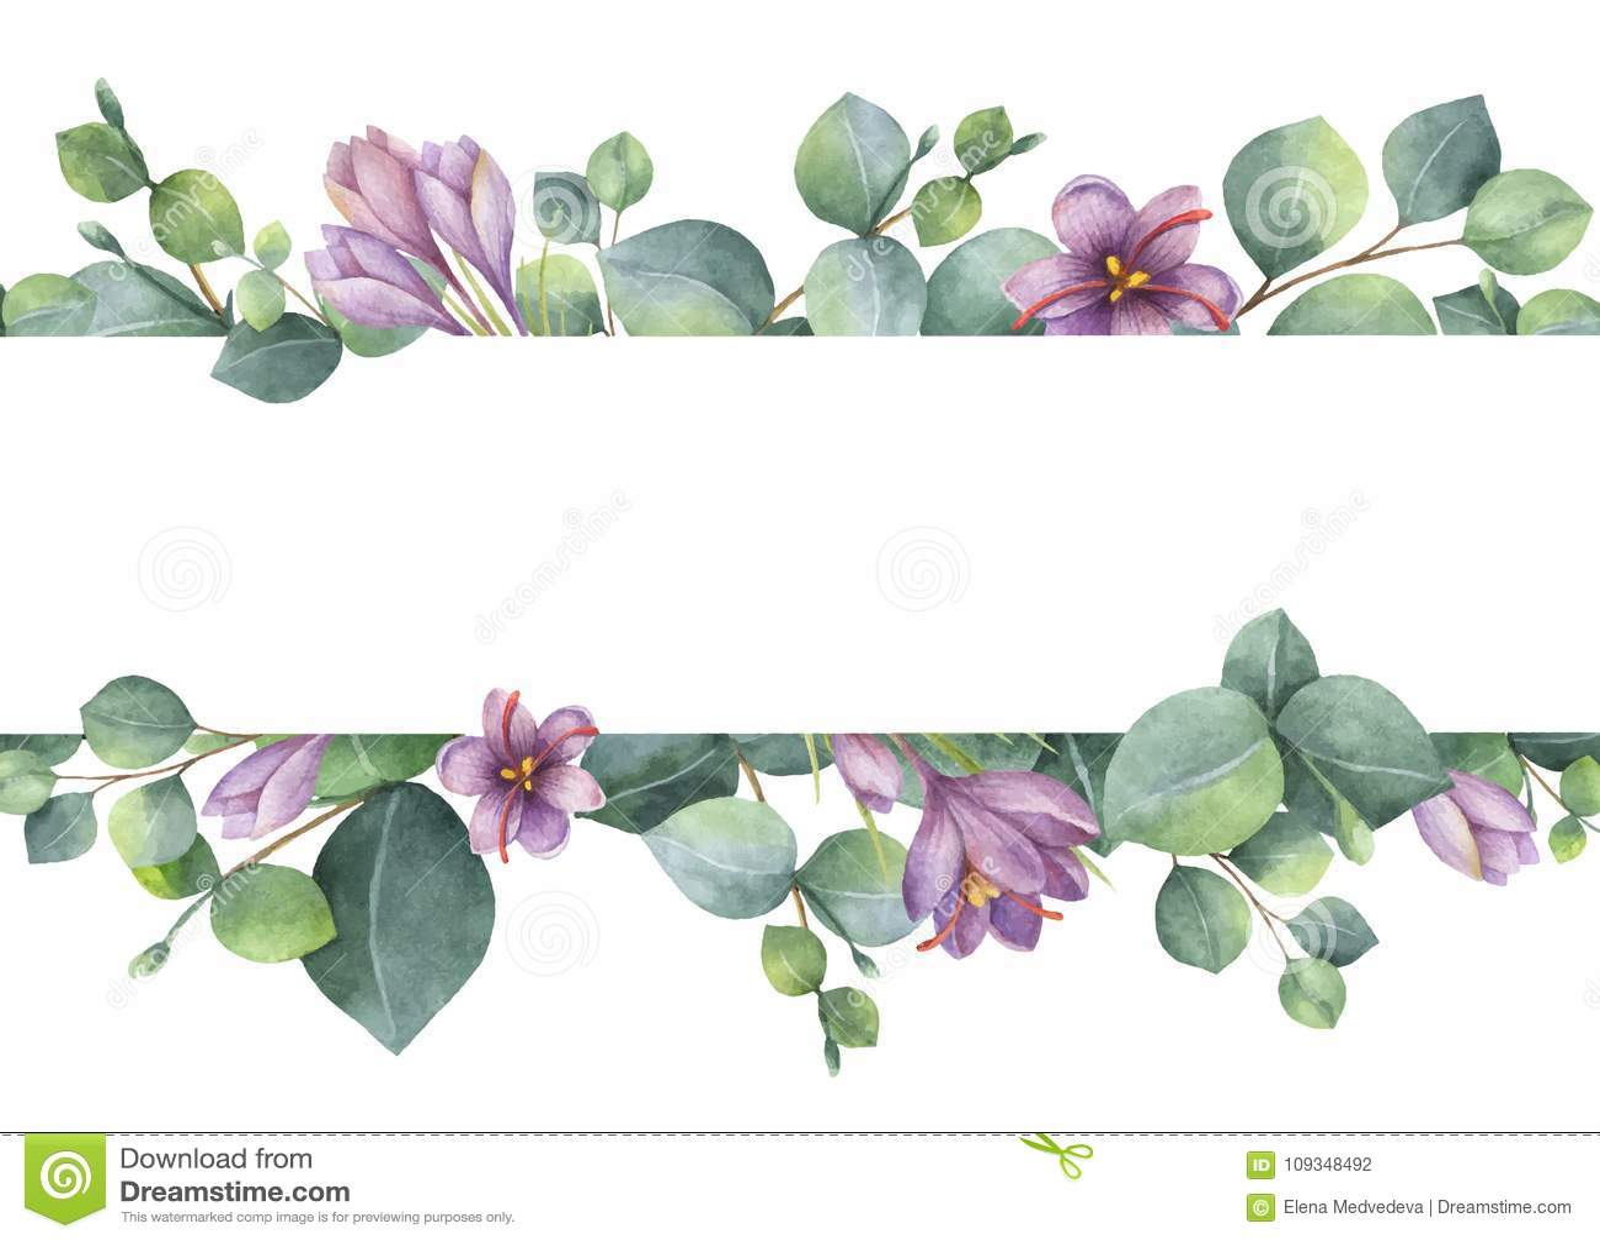 Akwarela wektorowy wianek z zielonym eukaliptusem opuszcza, purpura kwitnie i rozgałęzia się